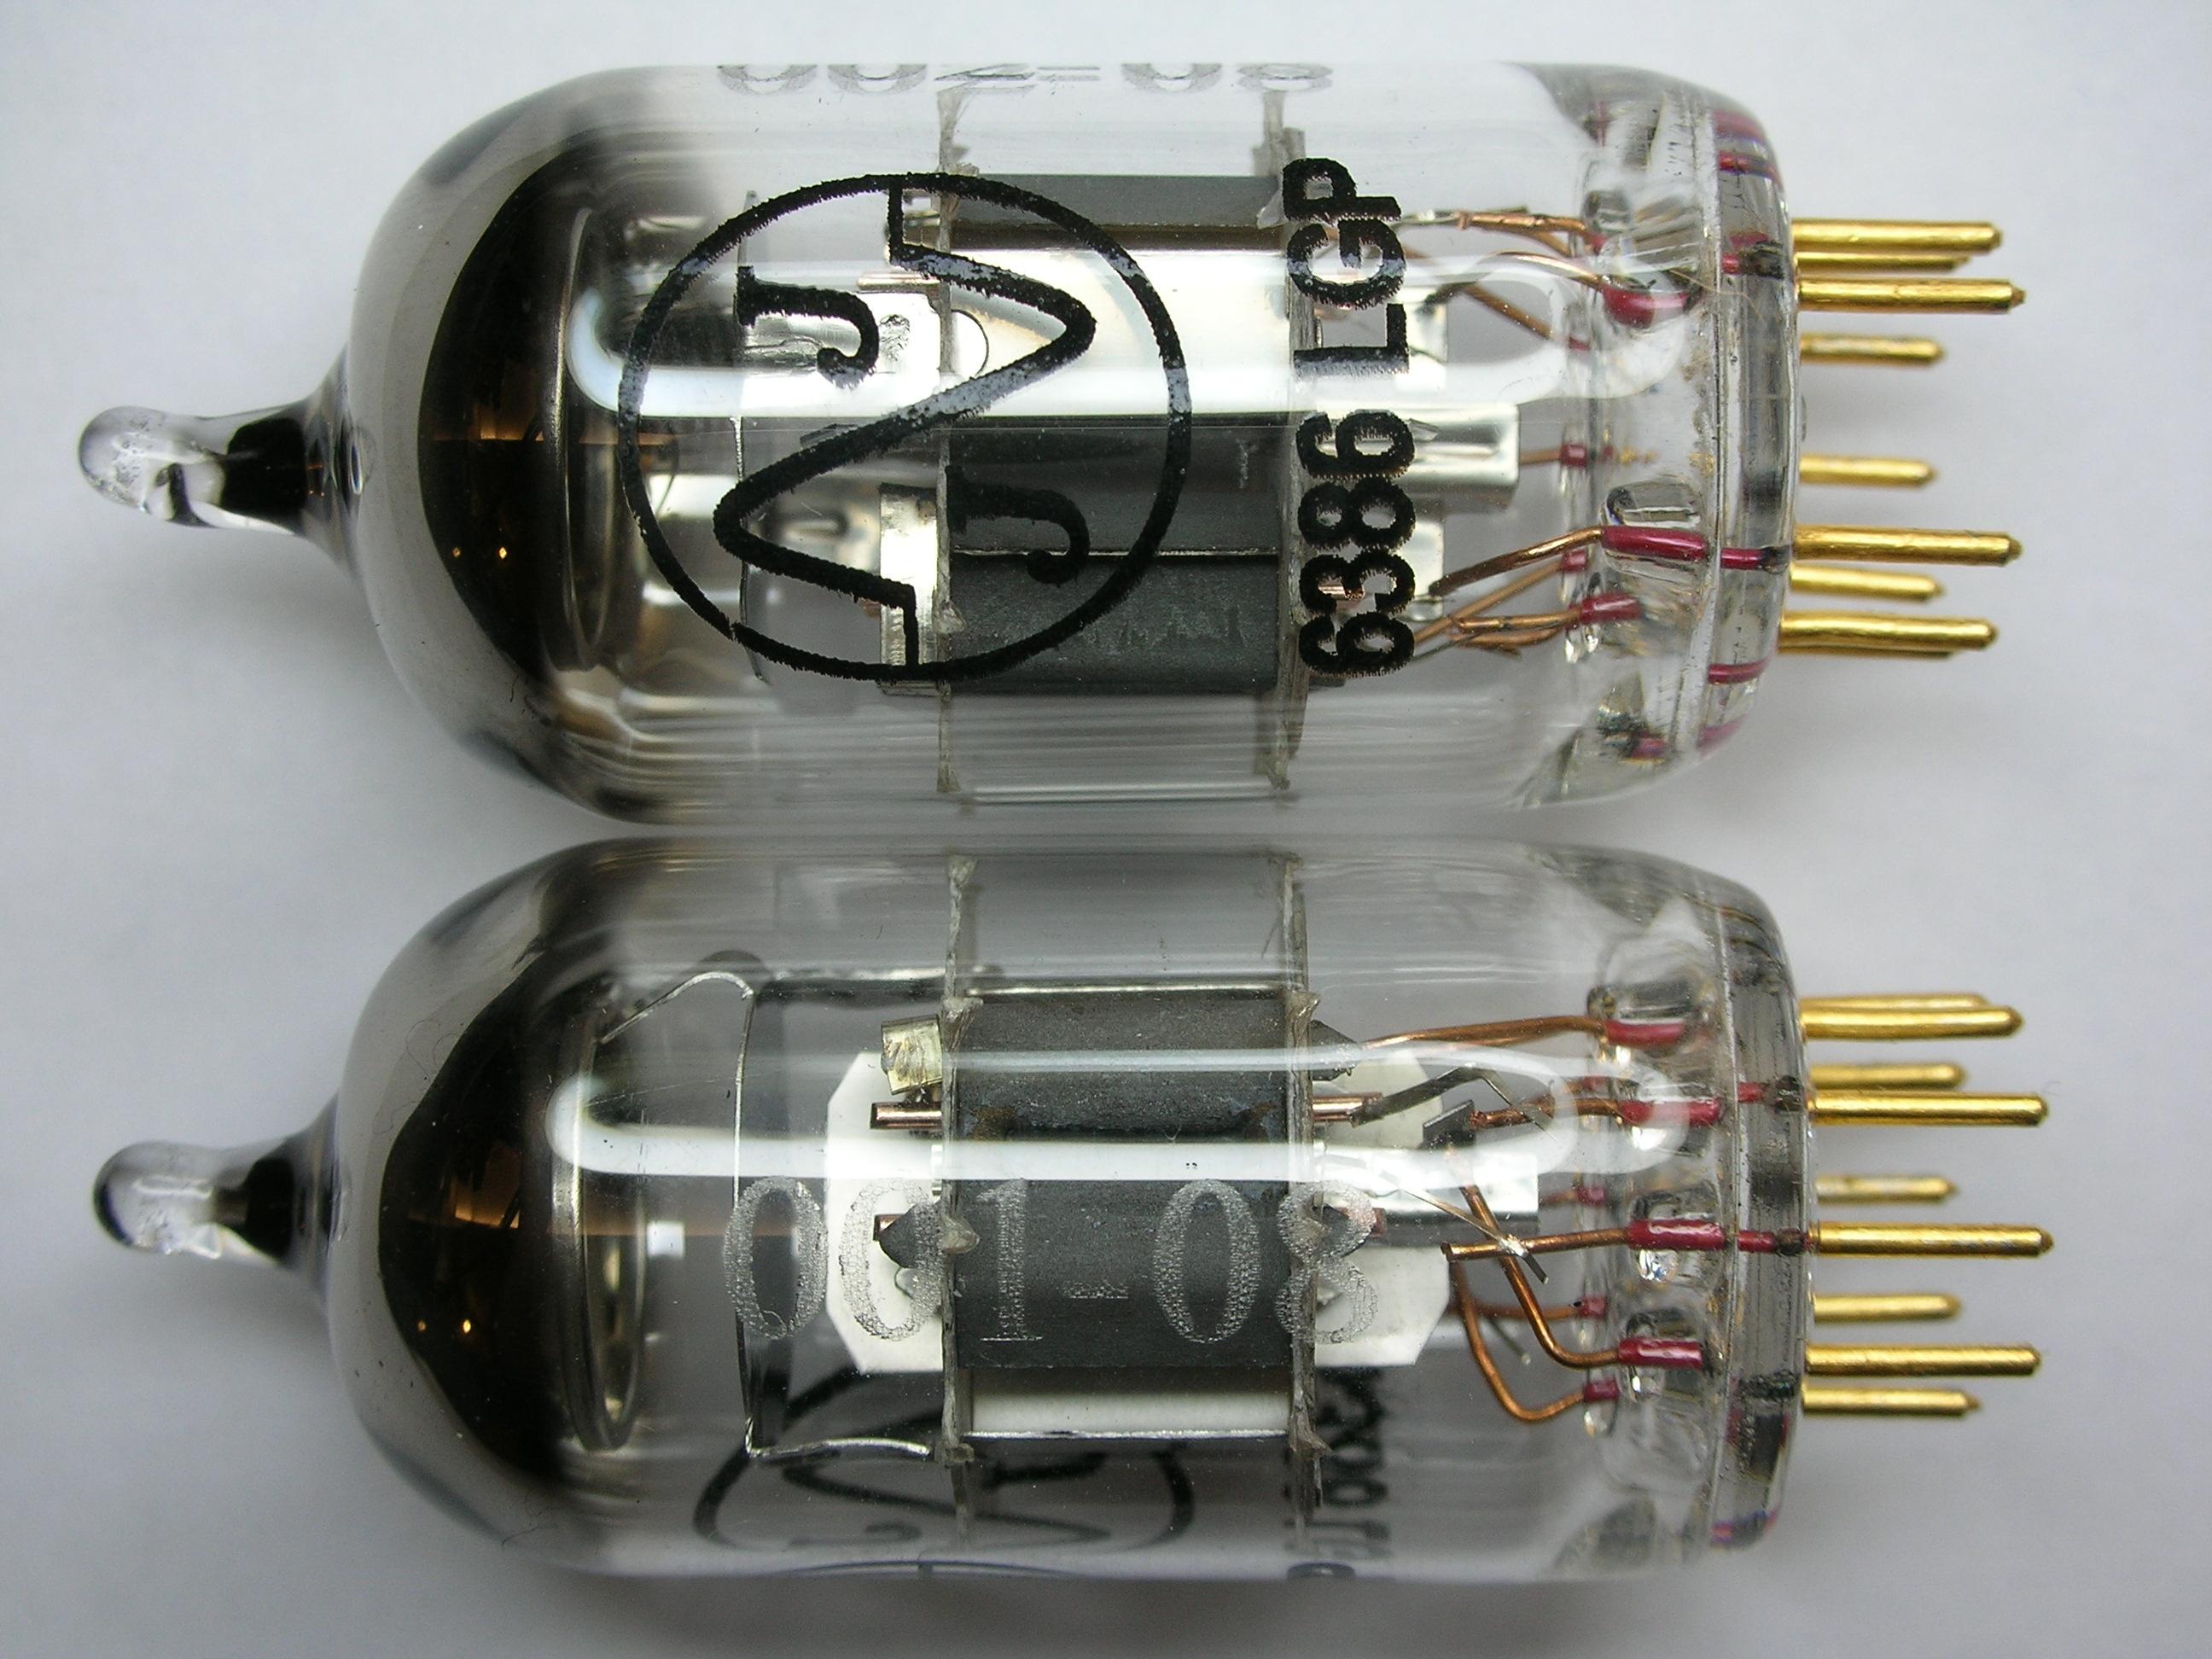 6386 Tubes s/n 001-002